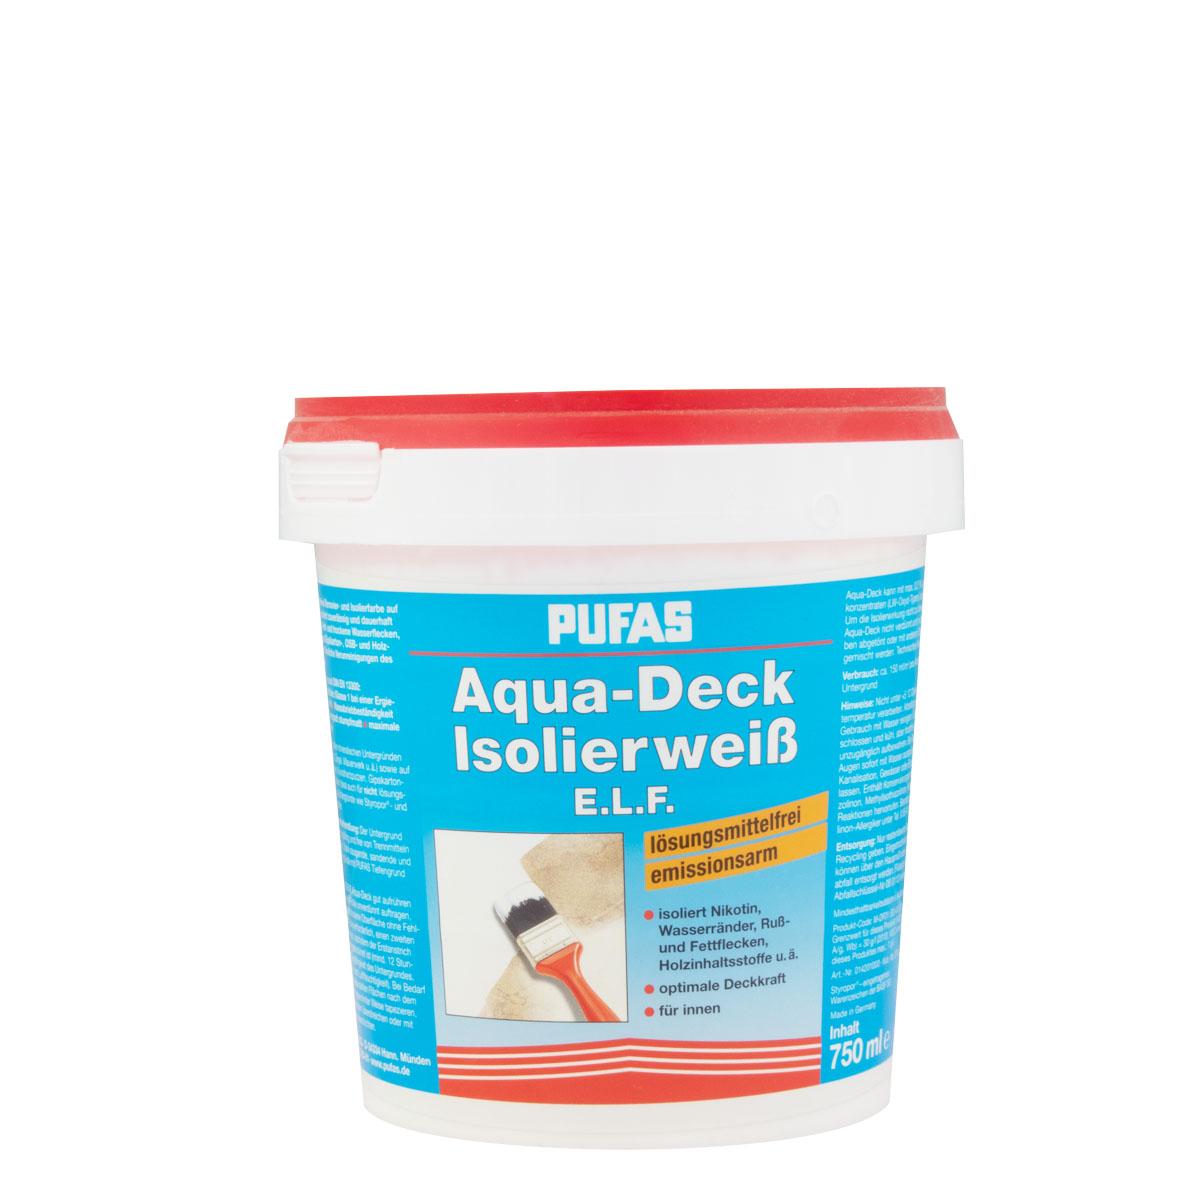 Pufas Aqua-Deck Isolierweiß E.L.F. 750ml ,Nikotinfarbe